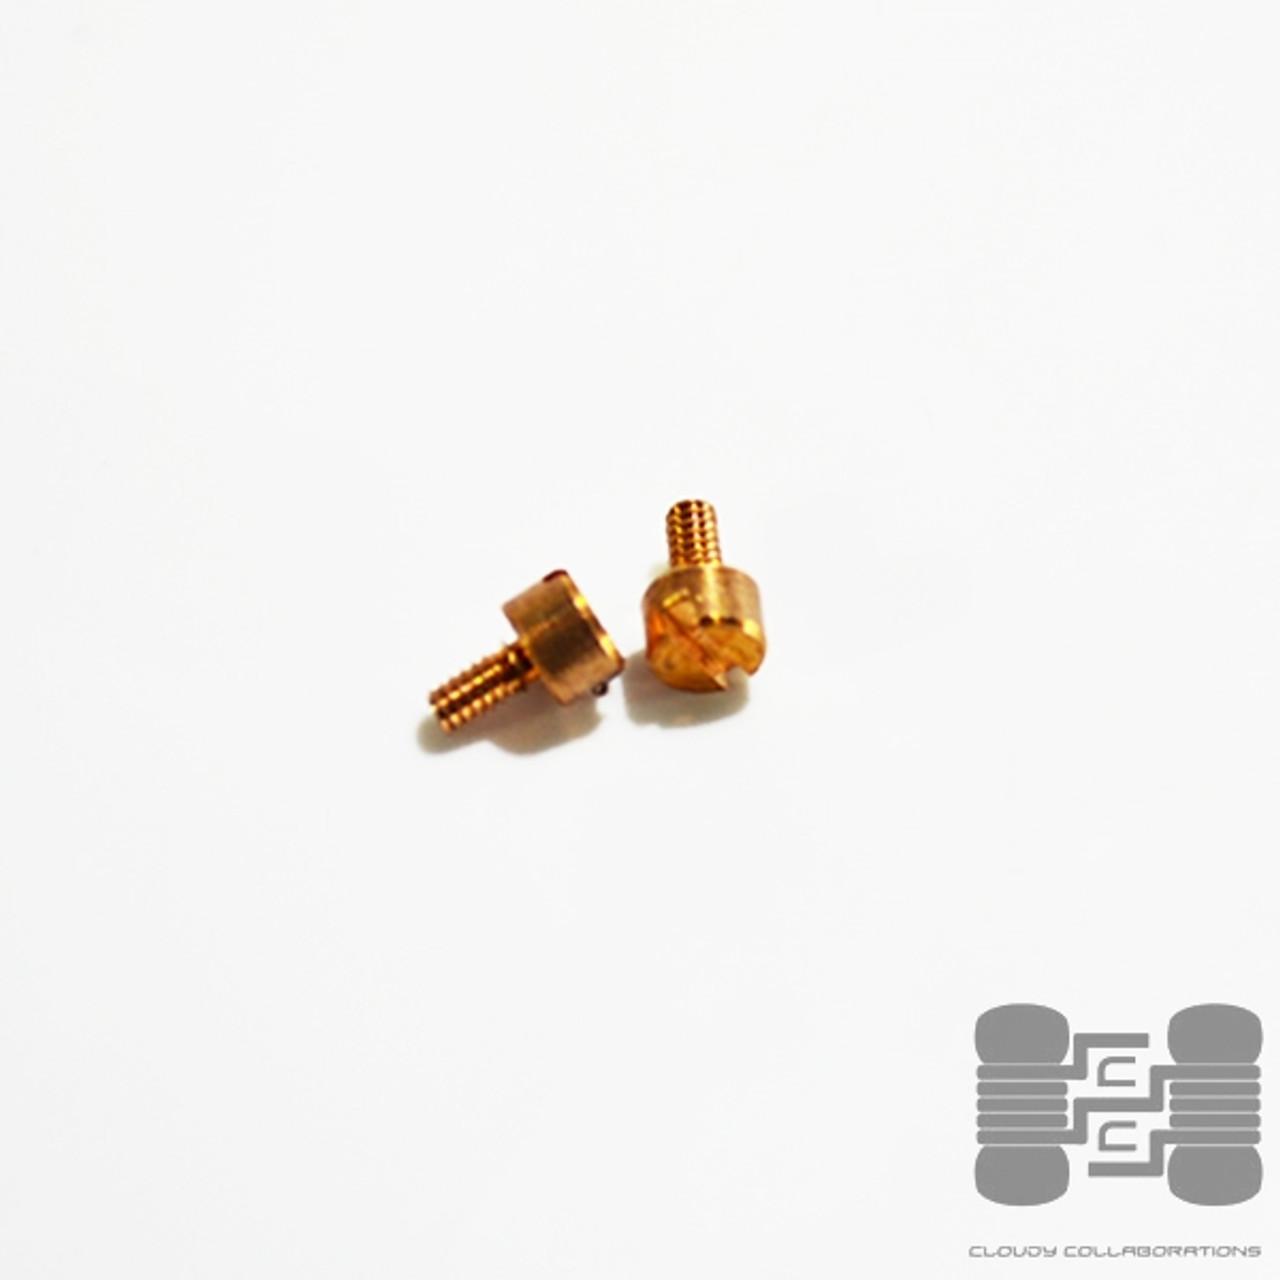 Pin 510